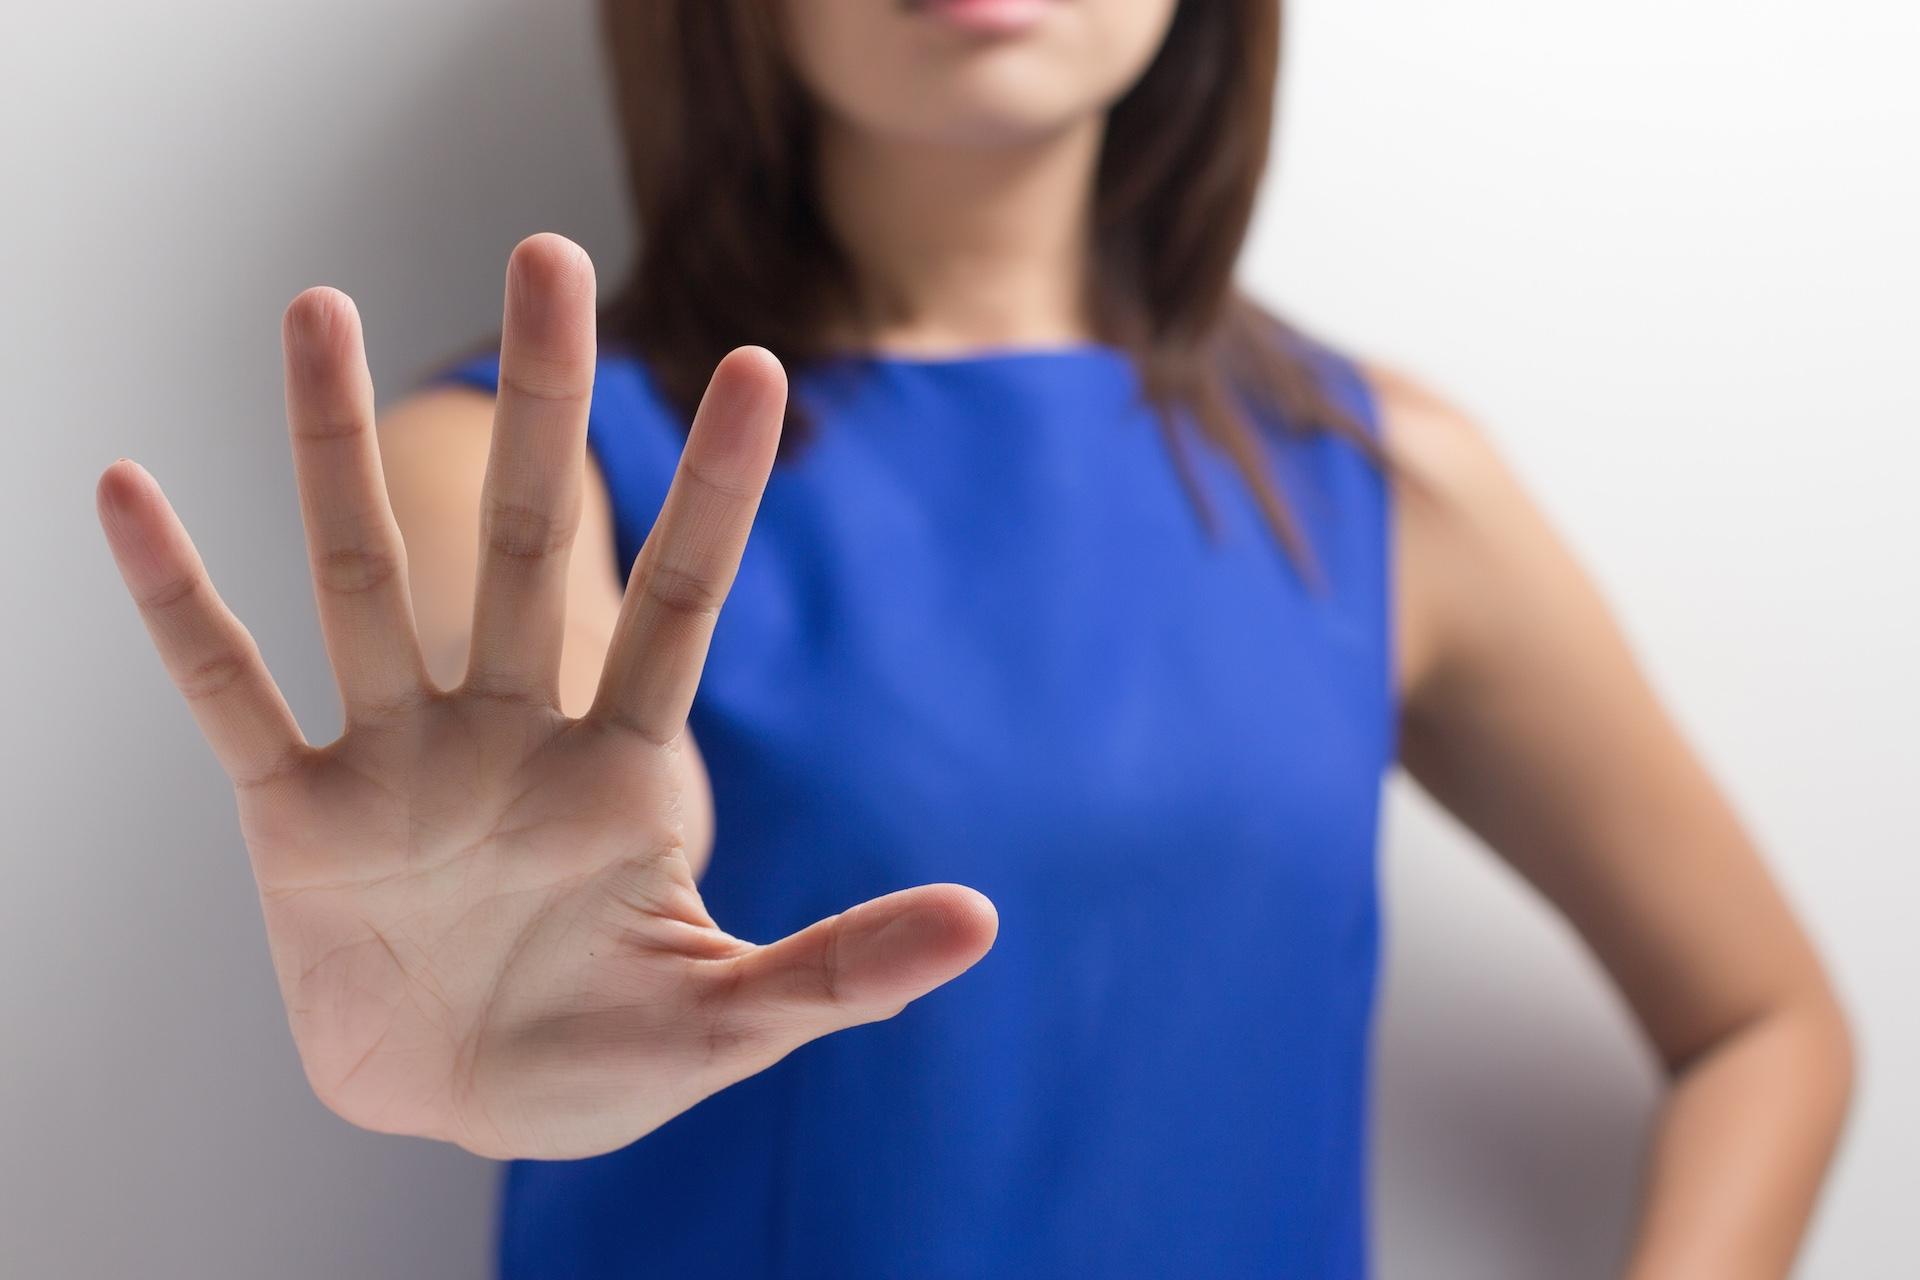 又被介紹對象了?女性該善於發揮「拒絕」的力量